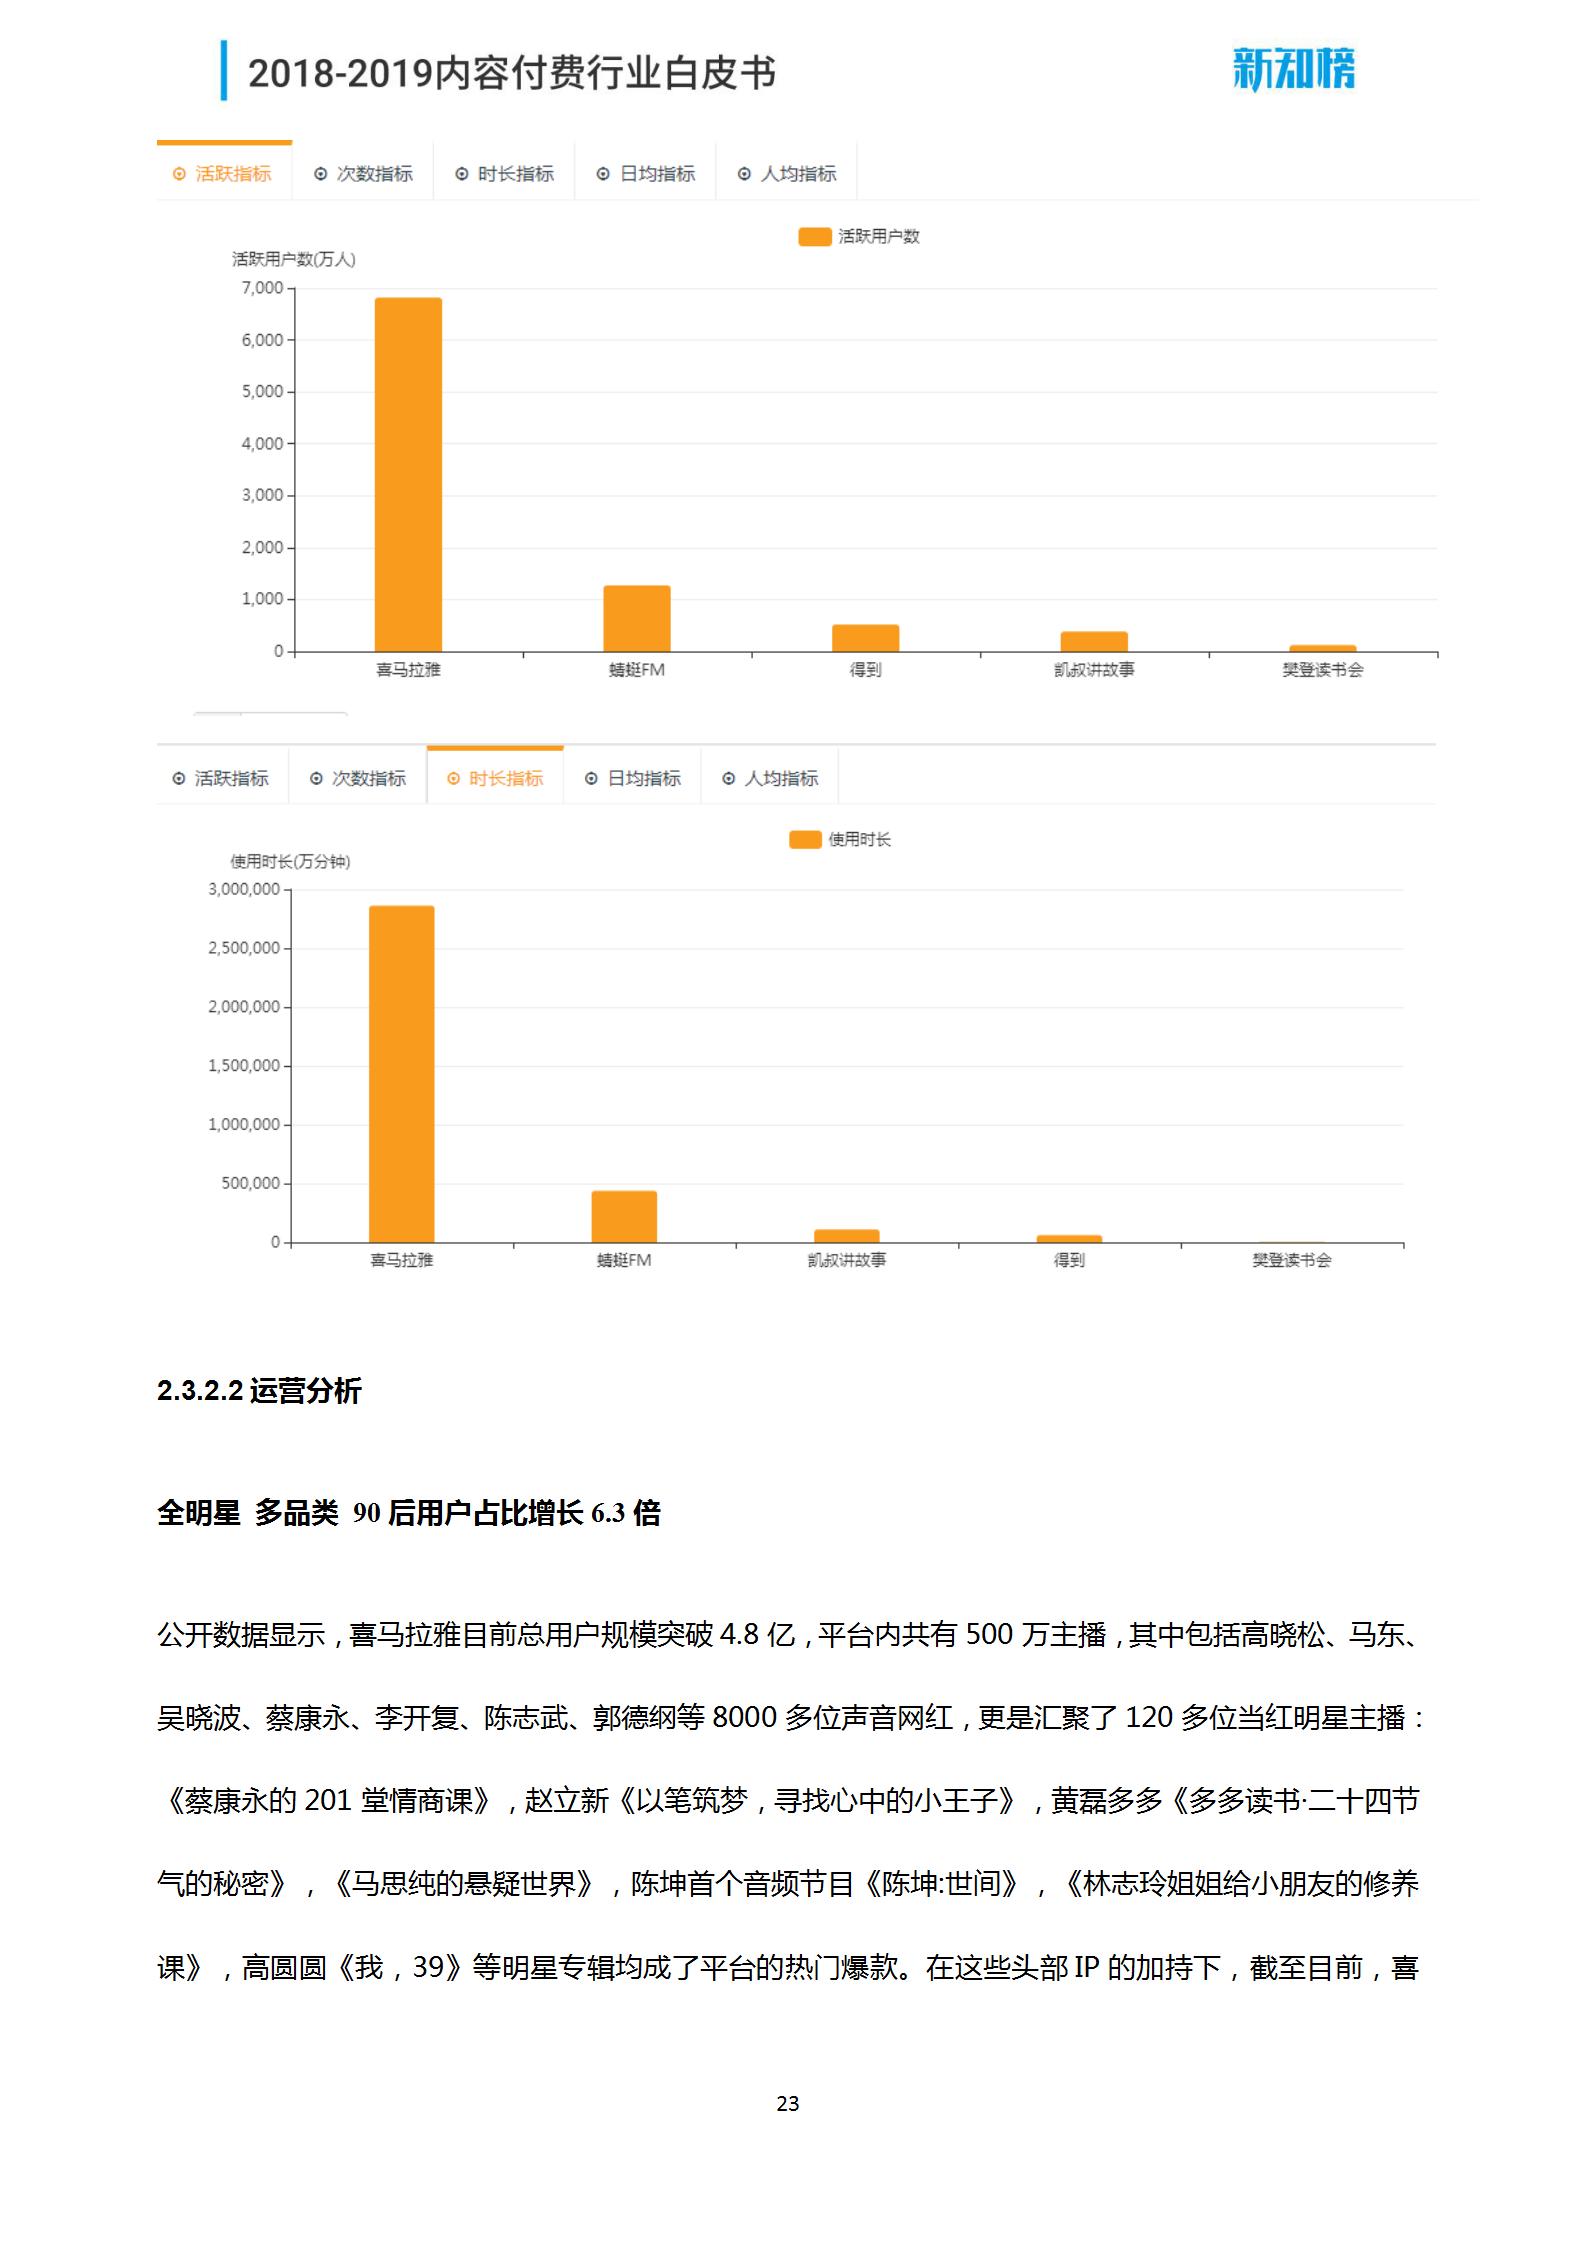 新知榜2018-2019内容付费行业白皮书_23.png